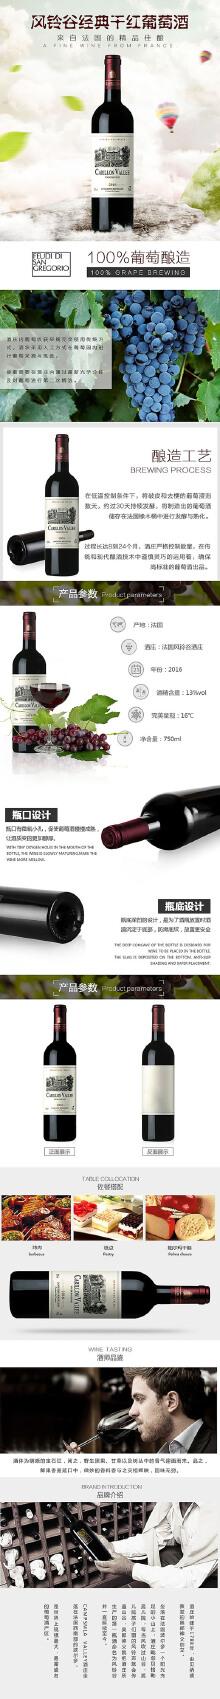 红酒详情q